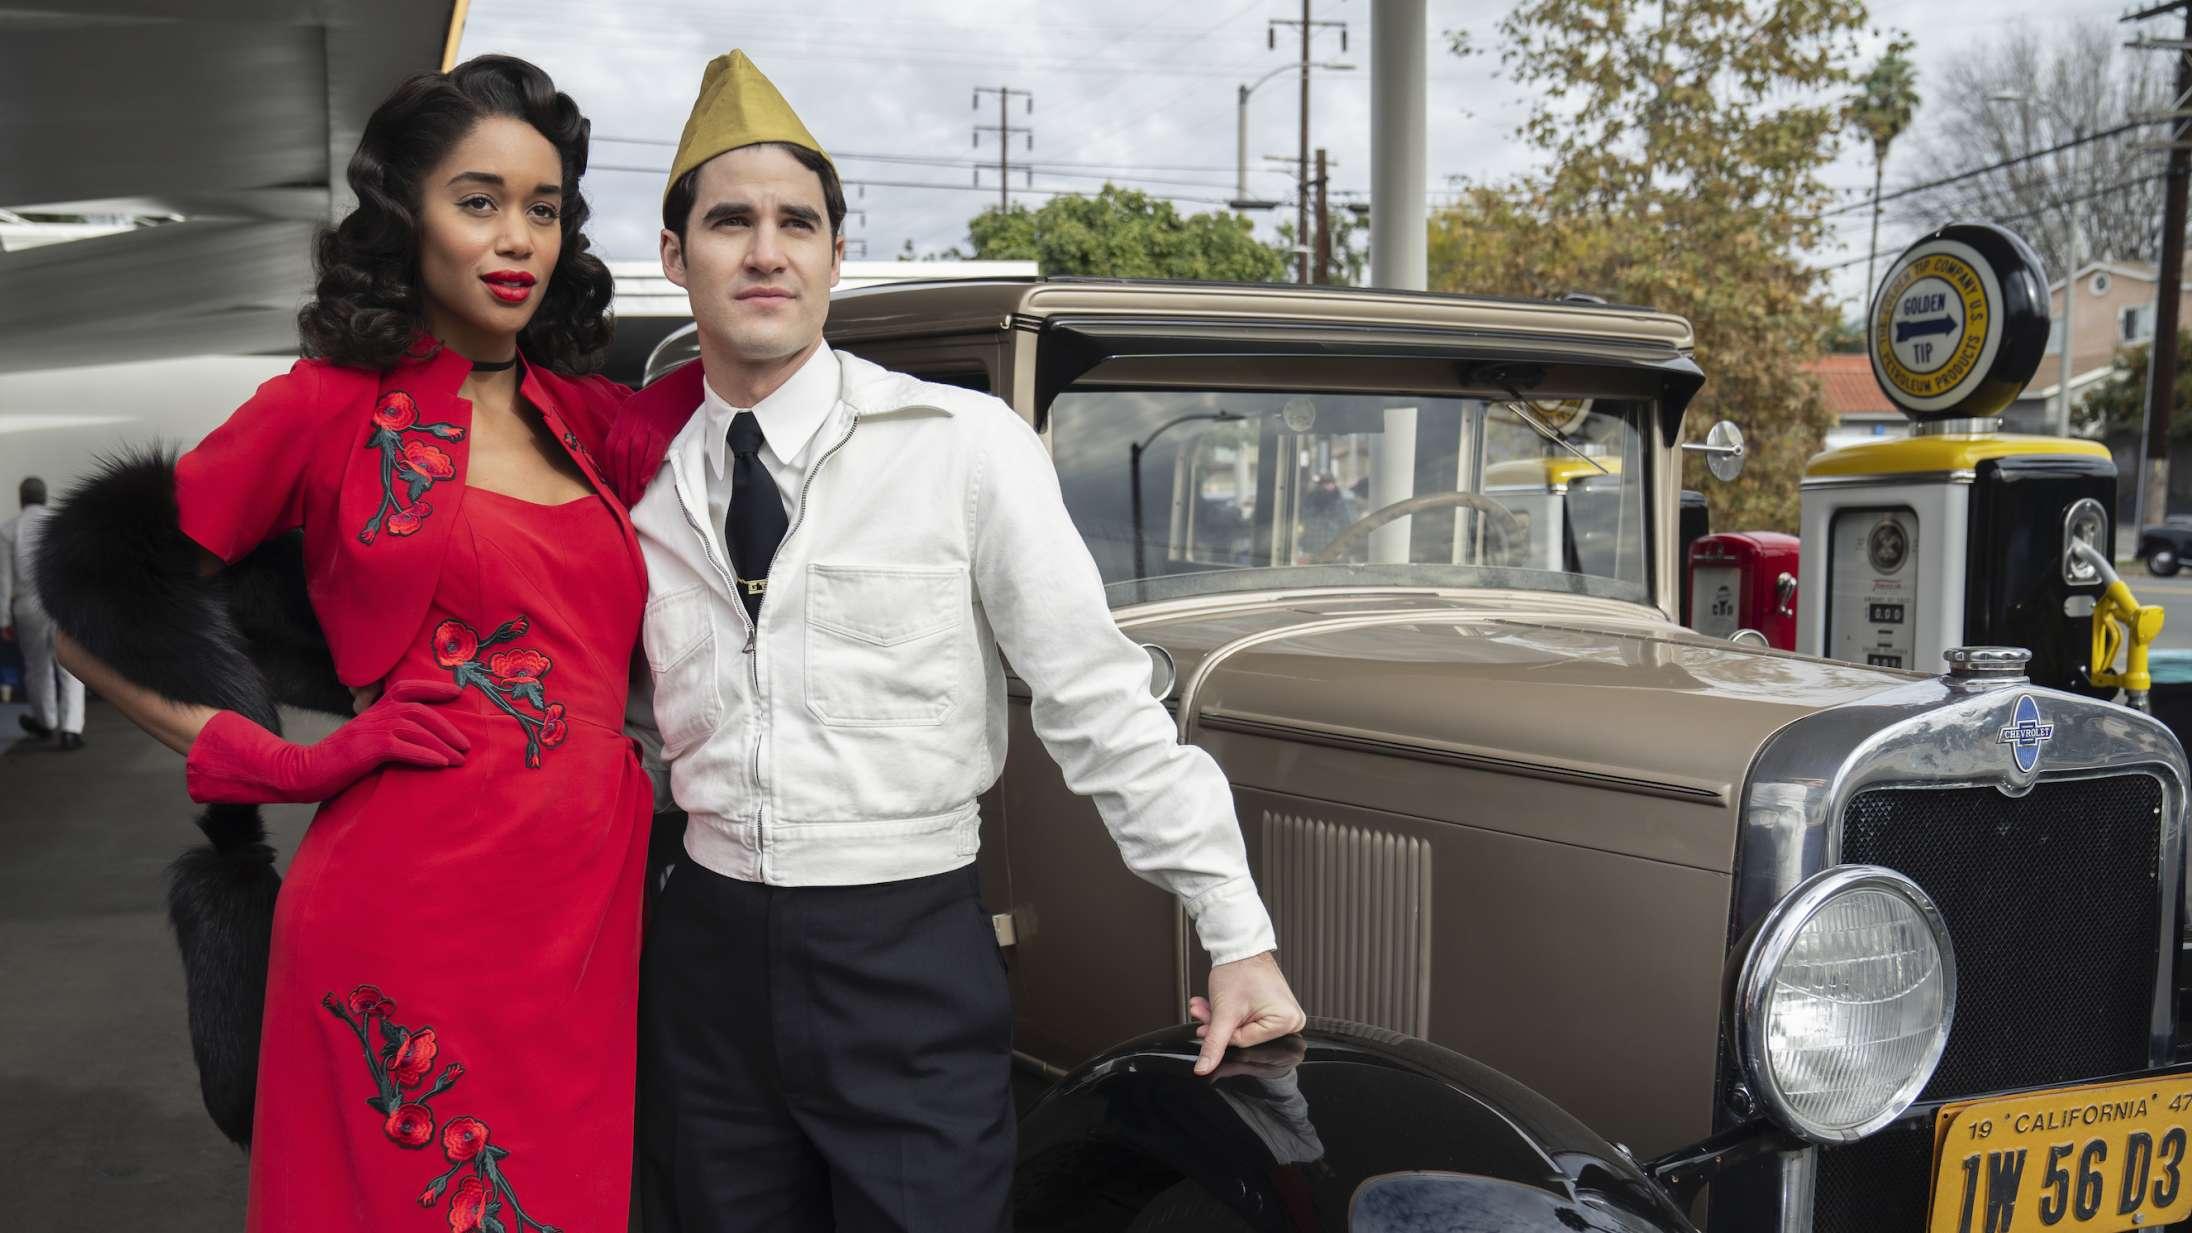 'Hollywood': Man genforelsker sig i filmhistorien med Ryan Murphys yderst bingeværdige Netflix-sag